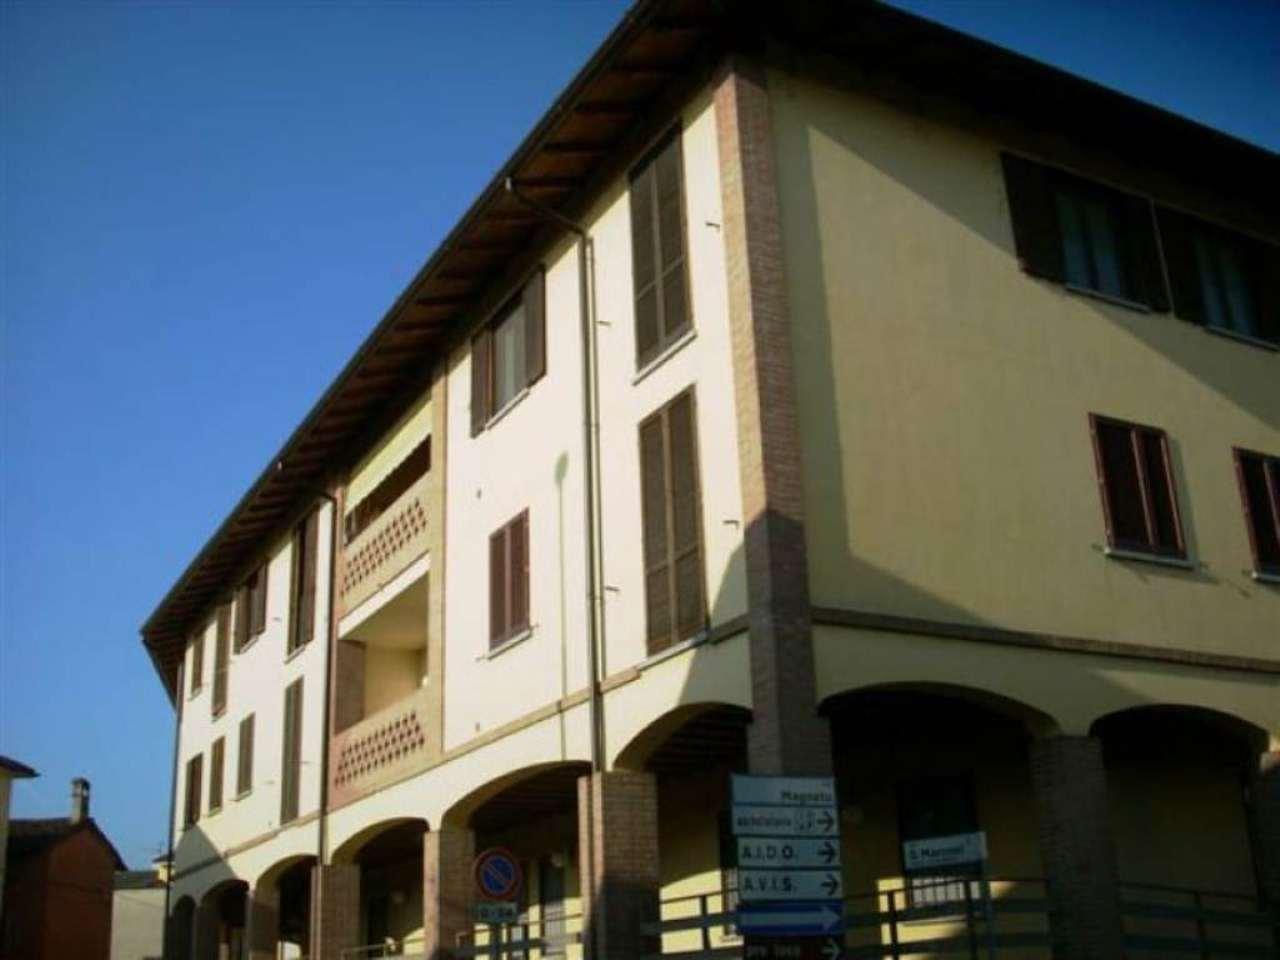 Appartamento in vendita a Palazzo Pignano, 3 locali, prezzo € 95.000 | CambioCasa.it